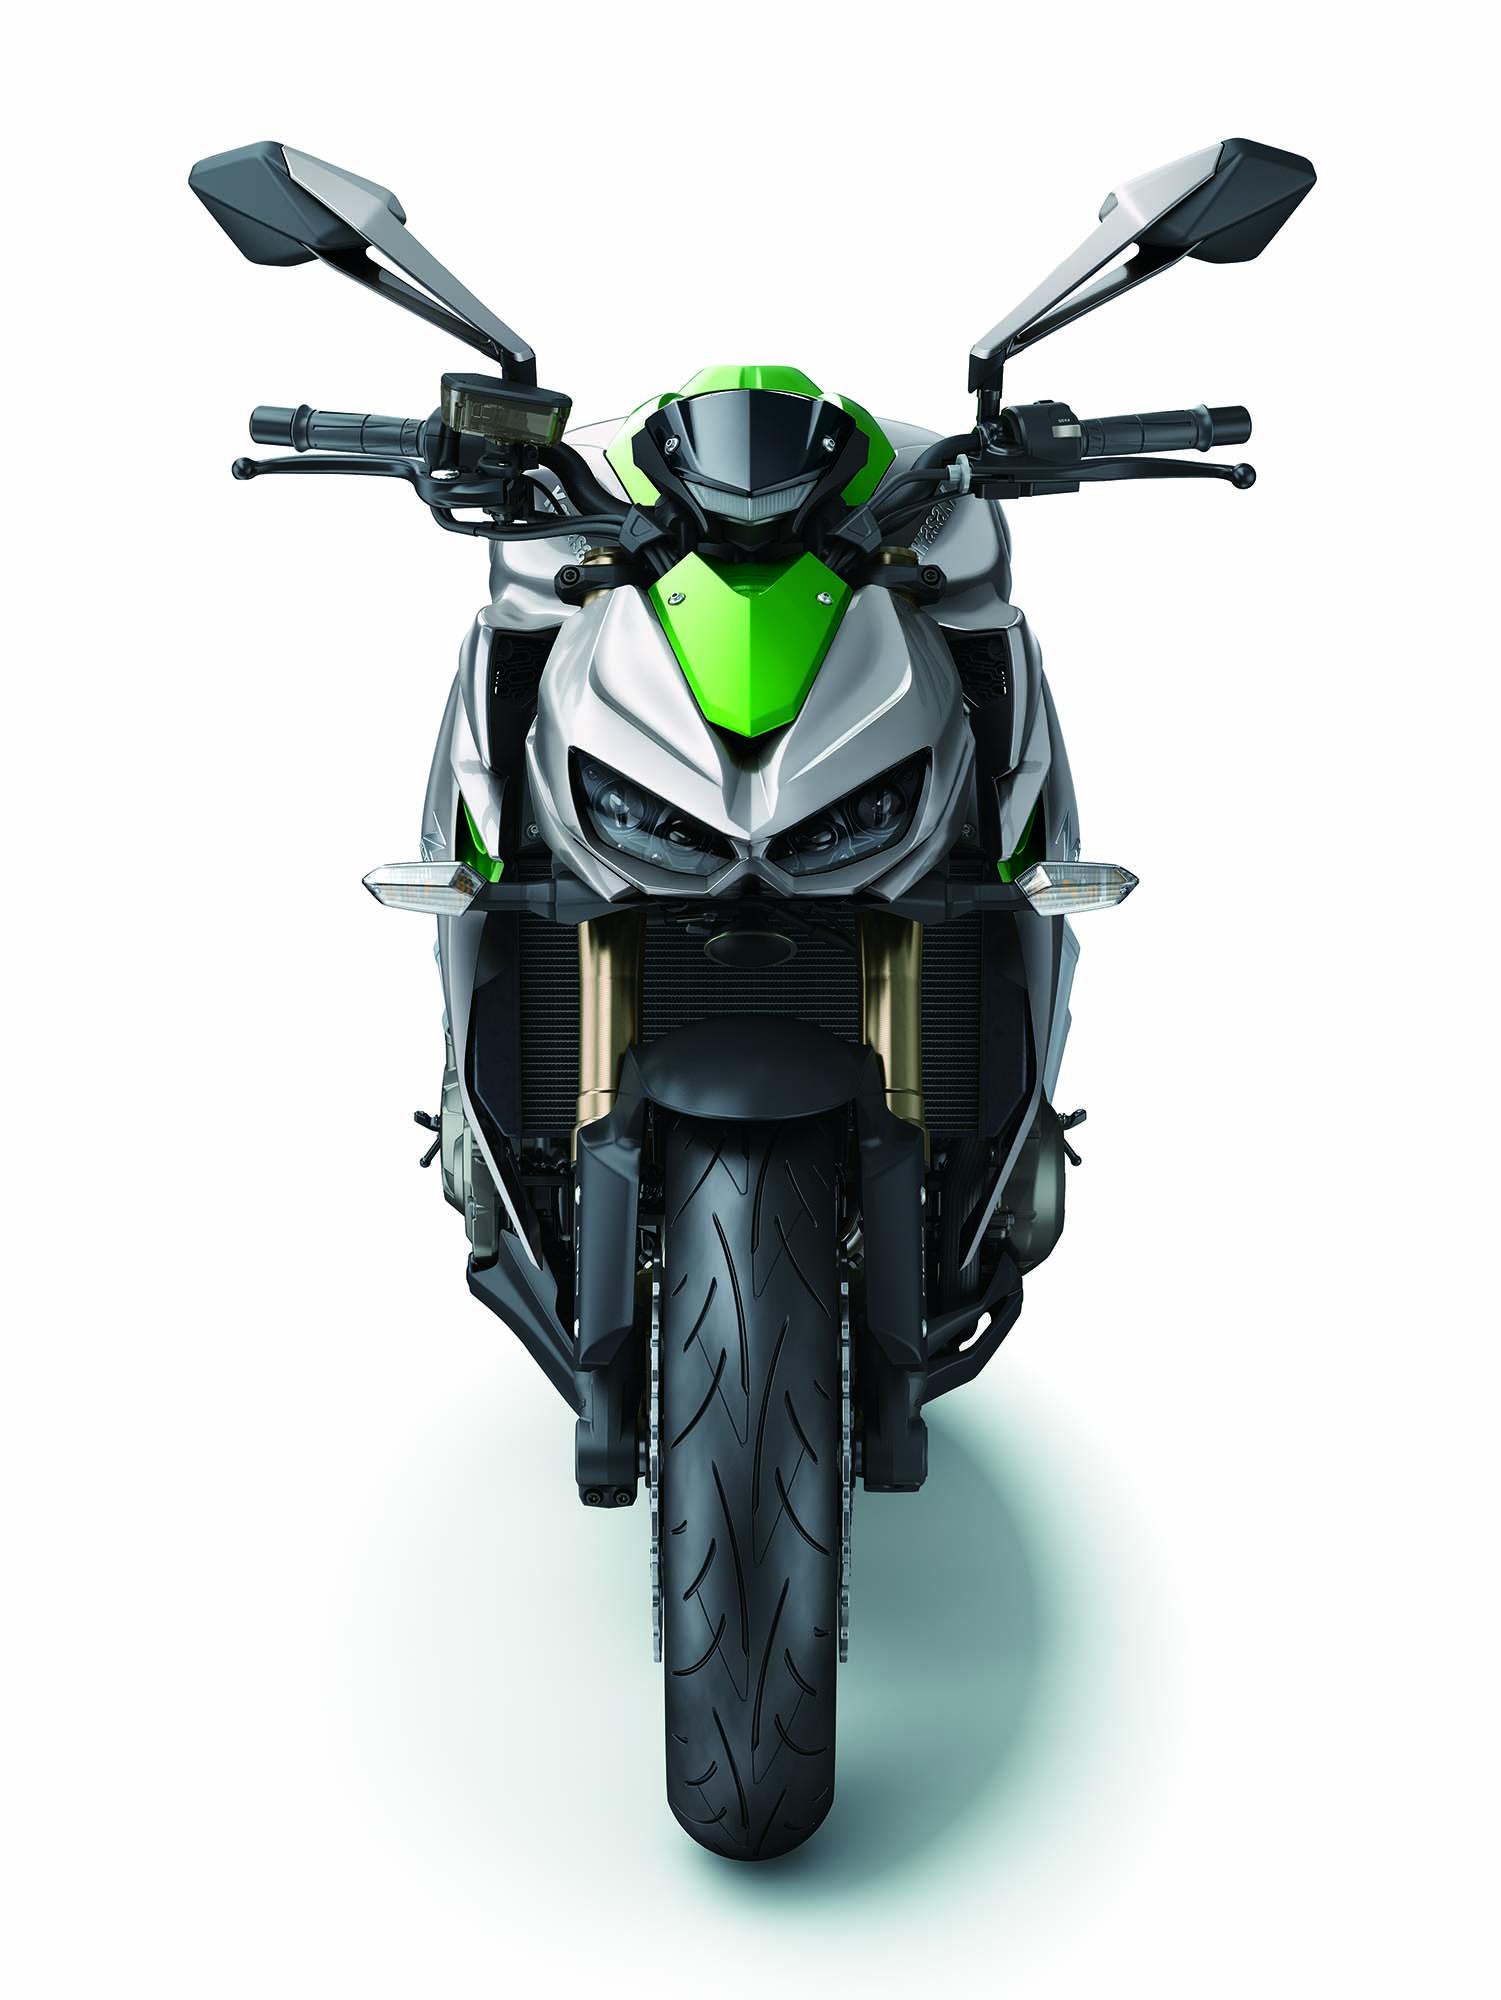 2014 Kawasaki Z1000 So Much Sugomi Asphalt amp Rubber